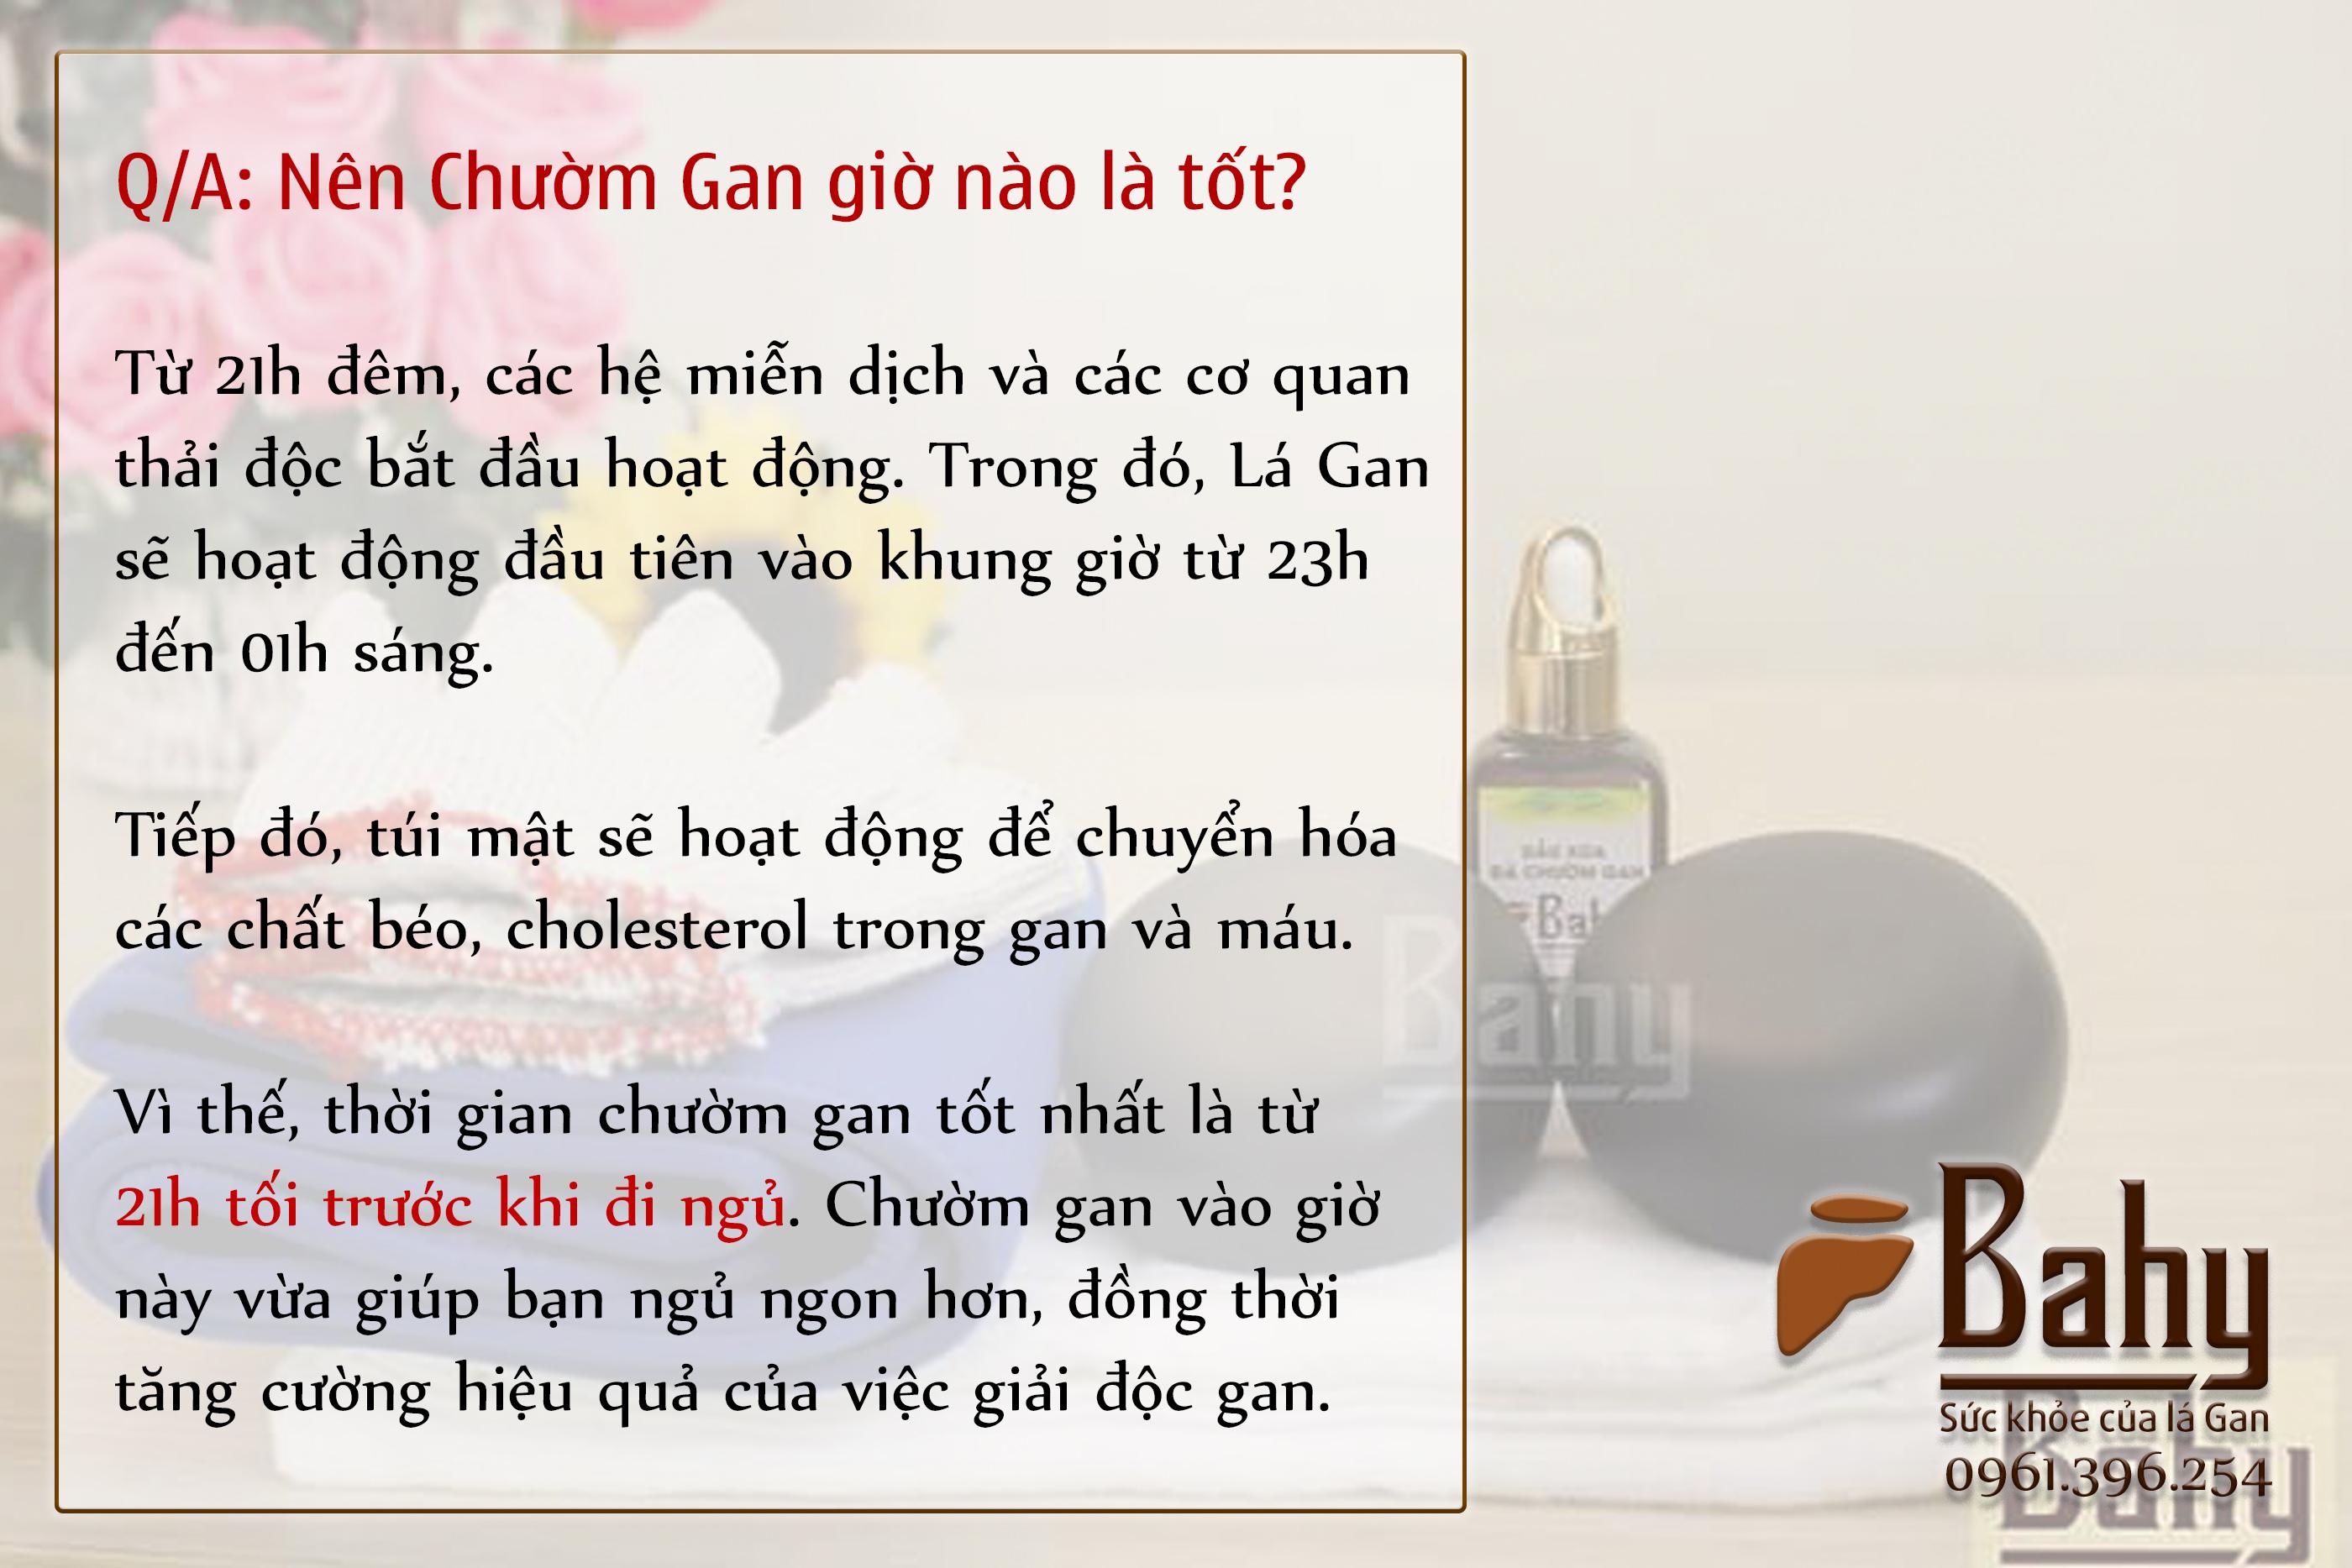 chuom-gan-gio-nao-tot